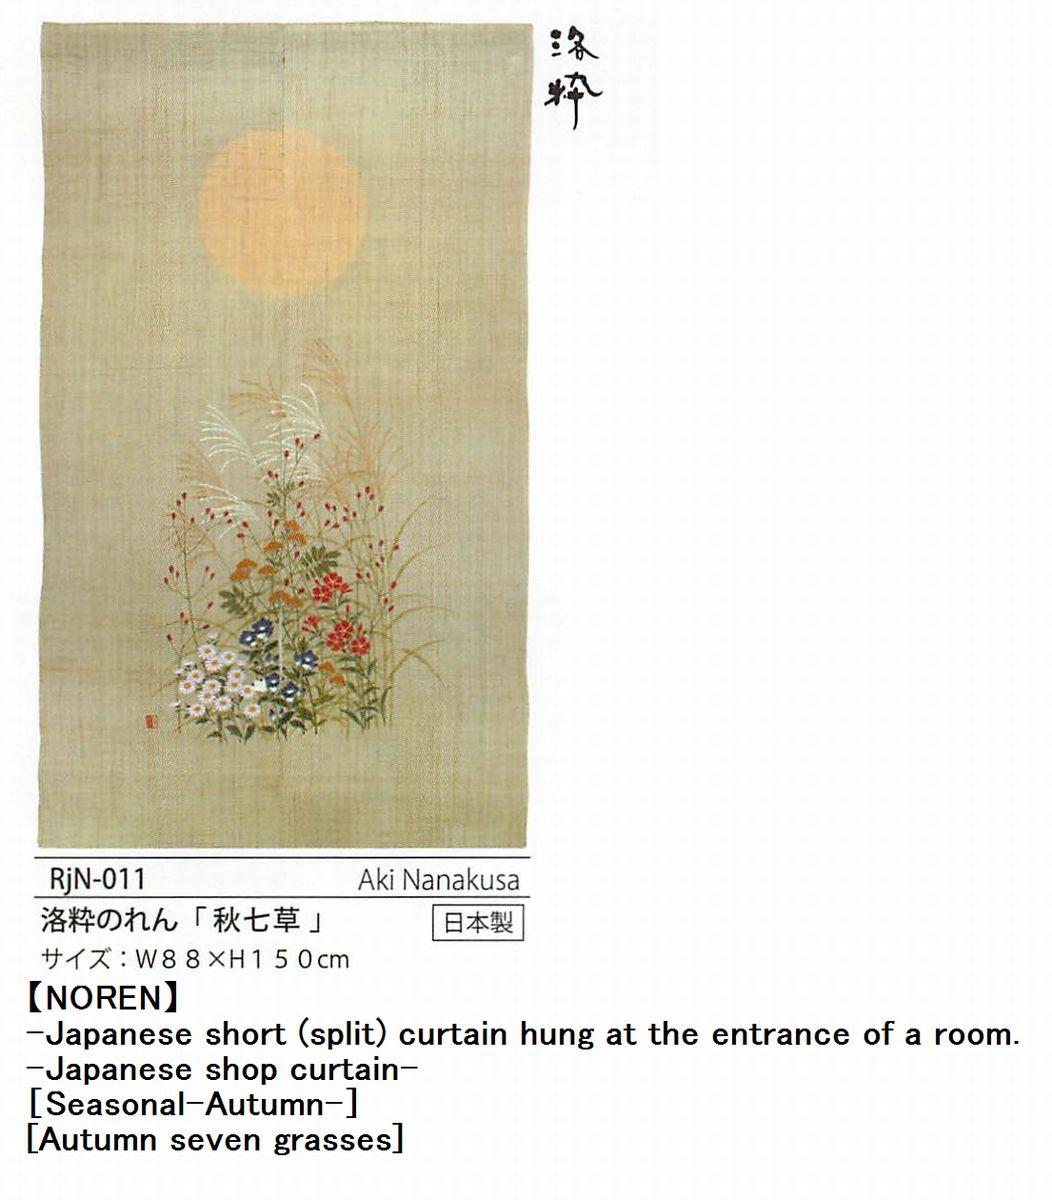 和雑貨 暖簾 のれん インテリア【秋七草】【NOREN】-Japanese short (split) curtain hung at the entrance of a room.-Japanese shop curtain-[Seasonal-Autumn-][Autumn seven grasses] Tapestry